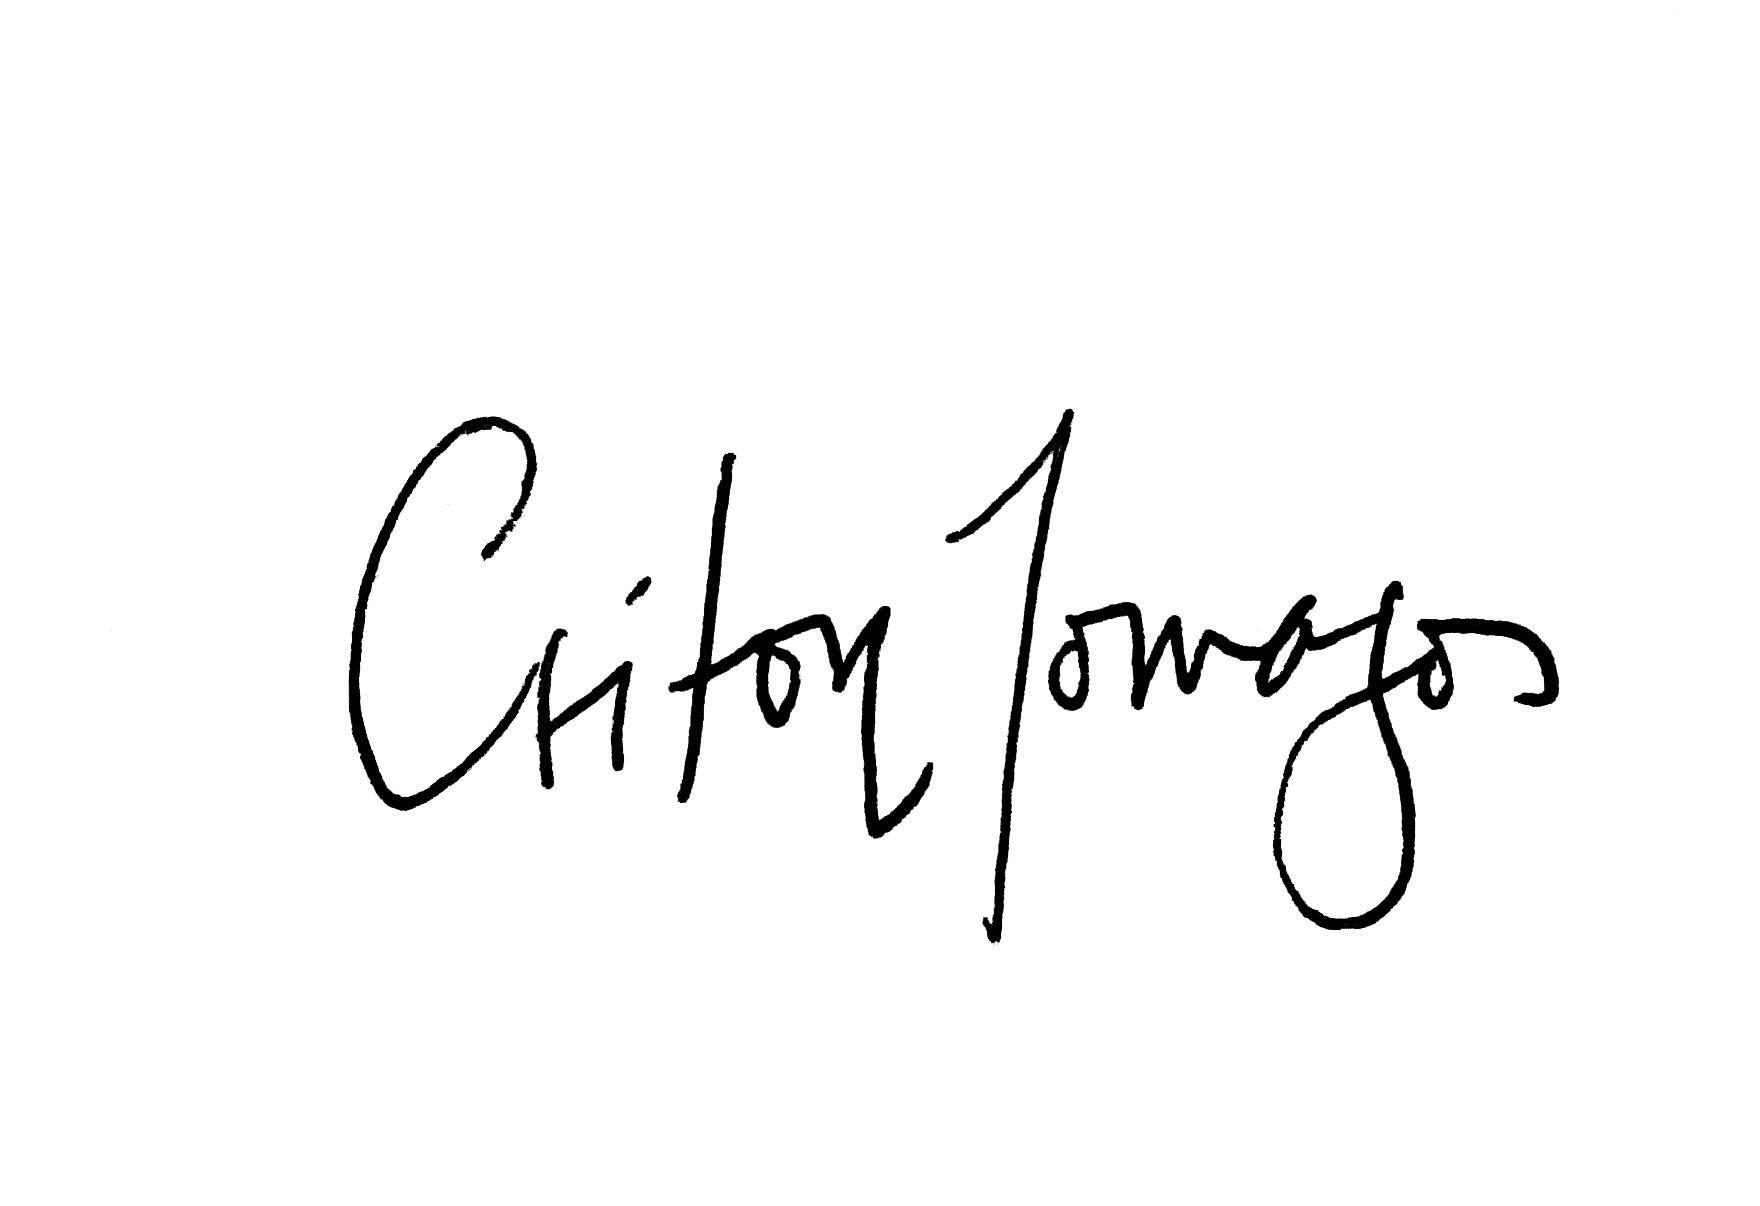 Criton Tomazos's Signature